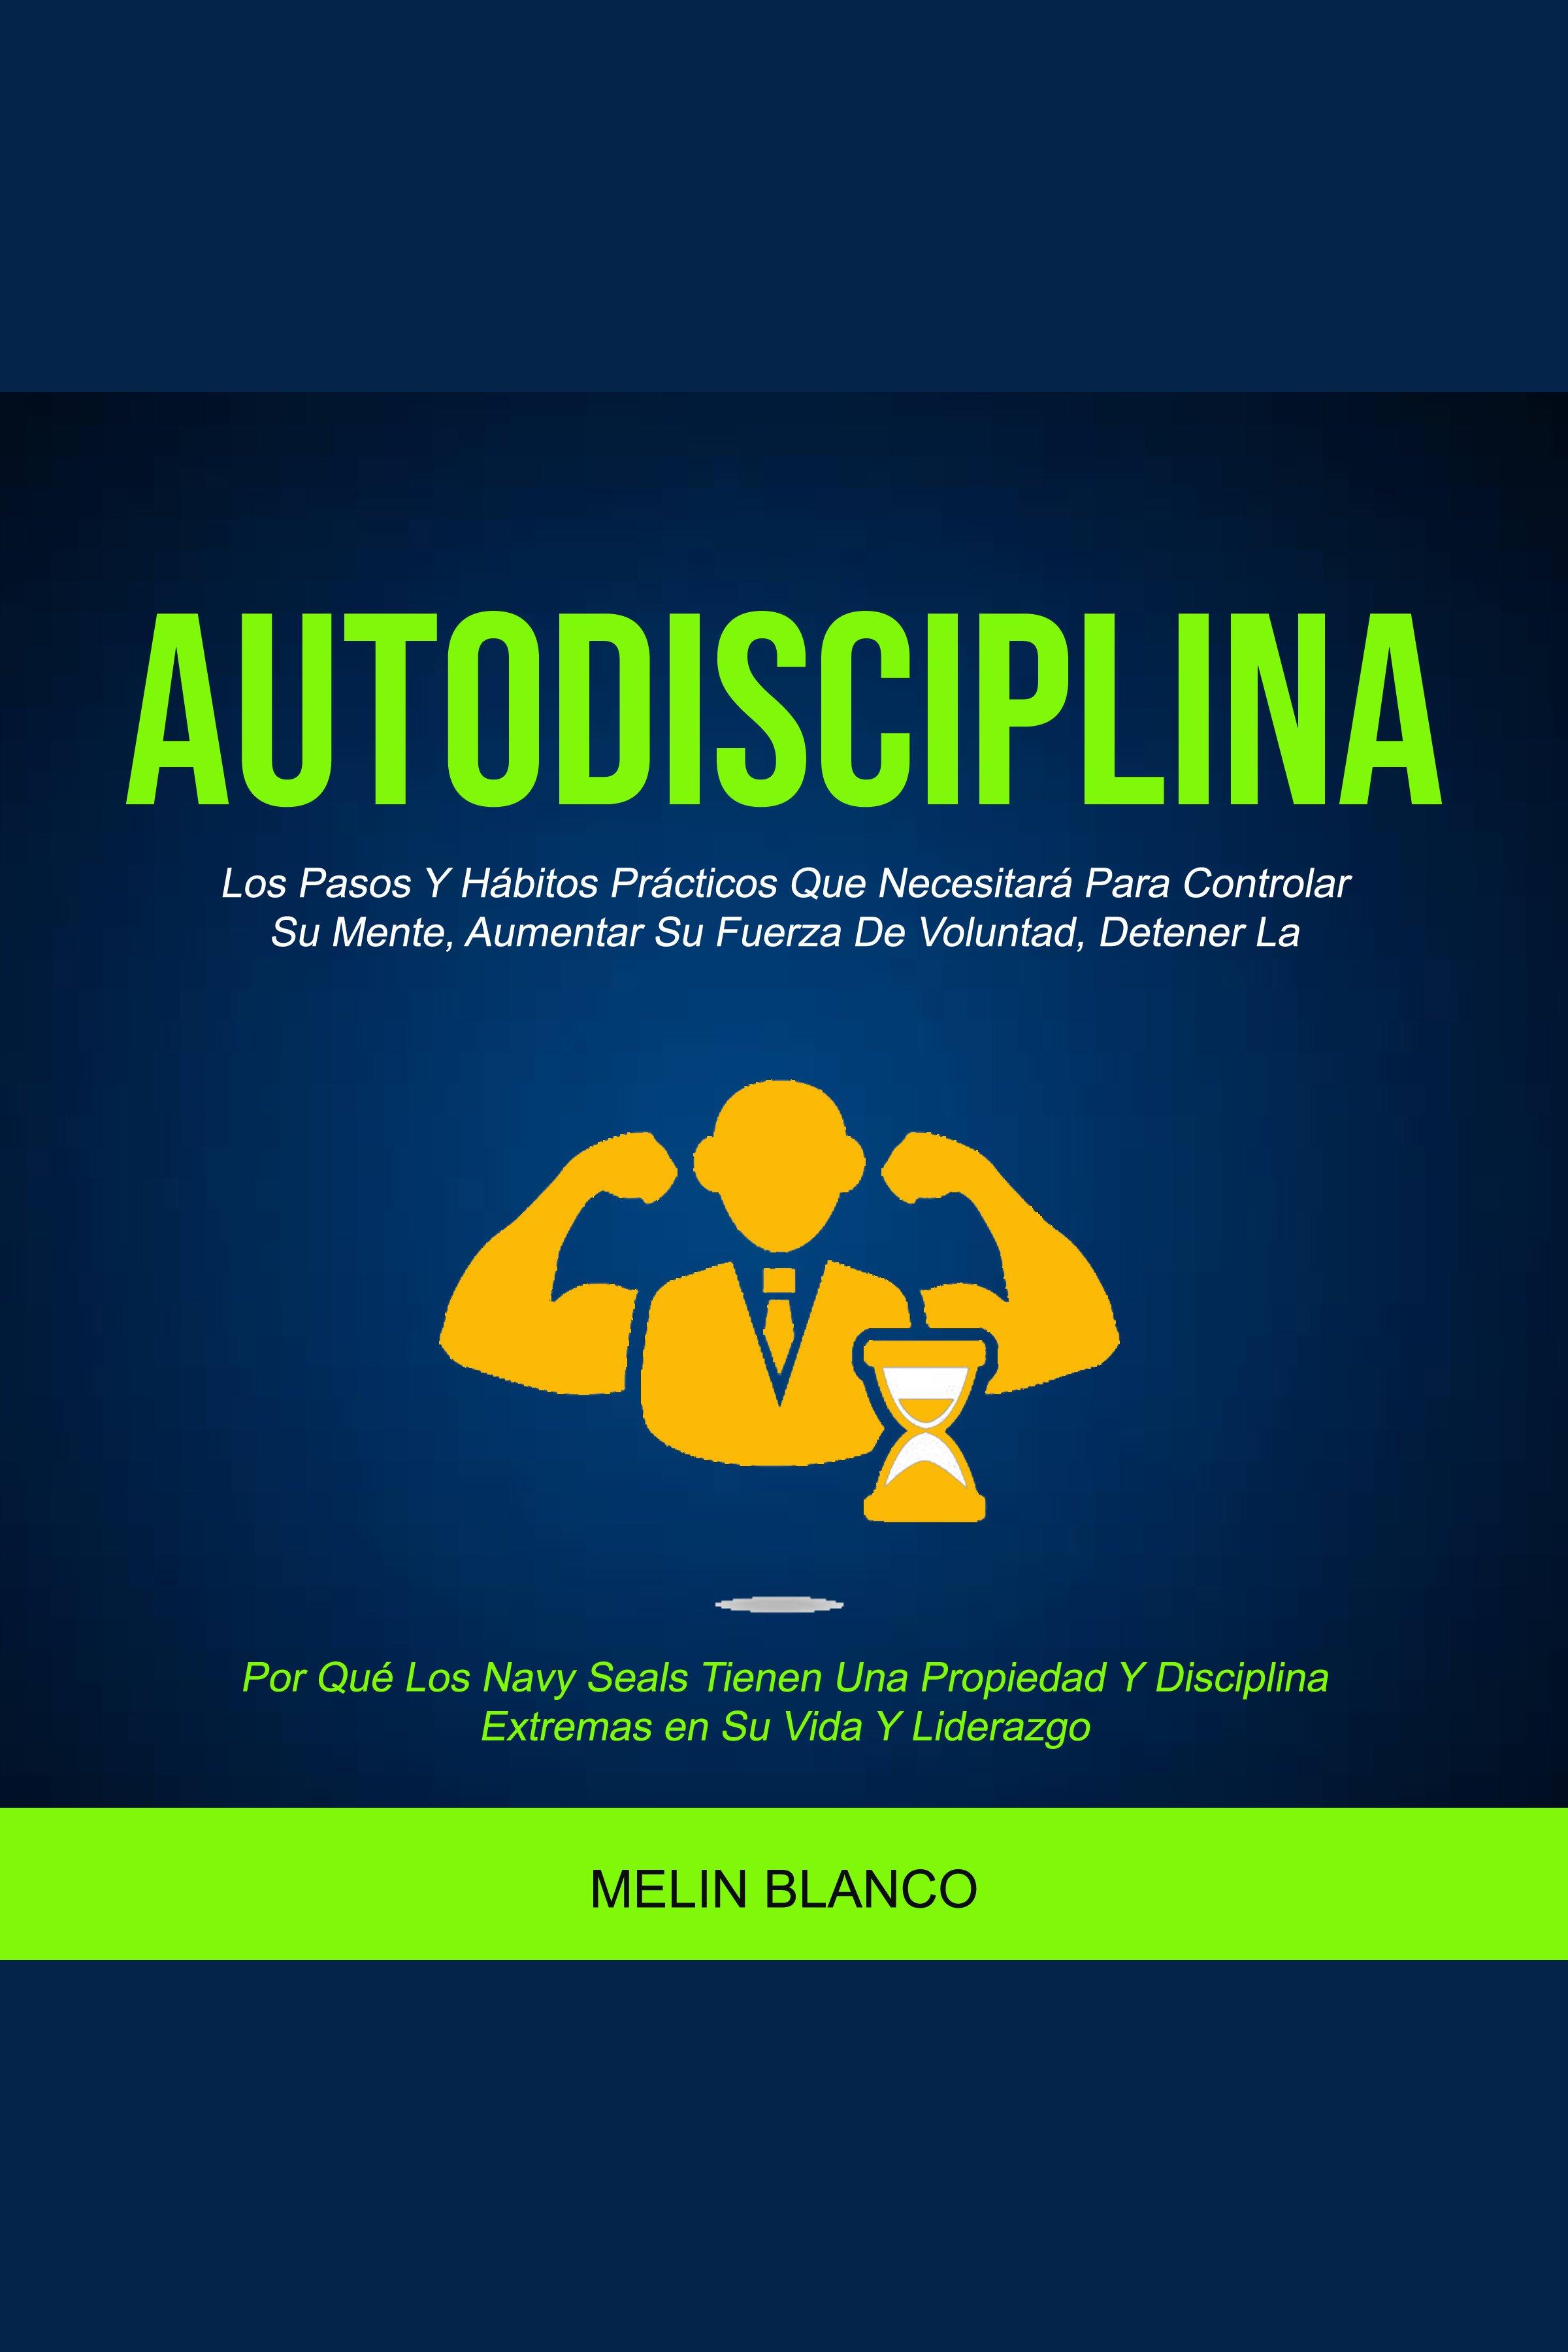 Esta es la portada del audiolibro Autodisciplina: Los Pasos Y Hábitos Prácticos Que Necesitará Para Controlar Su Mente, Aumentar Su Fuerza De Voluntad, Detener La (Por Qué Los Navy Seals Tienen Una Propiedad Y Disciplina Extremas en Su Vida Y Liderazgo)